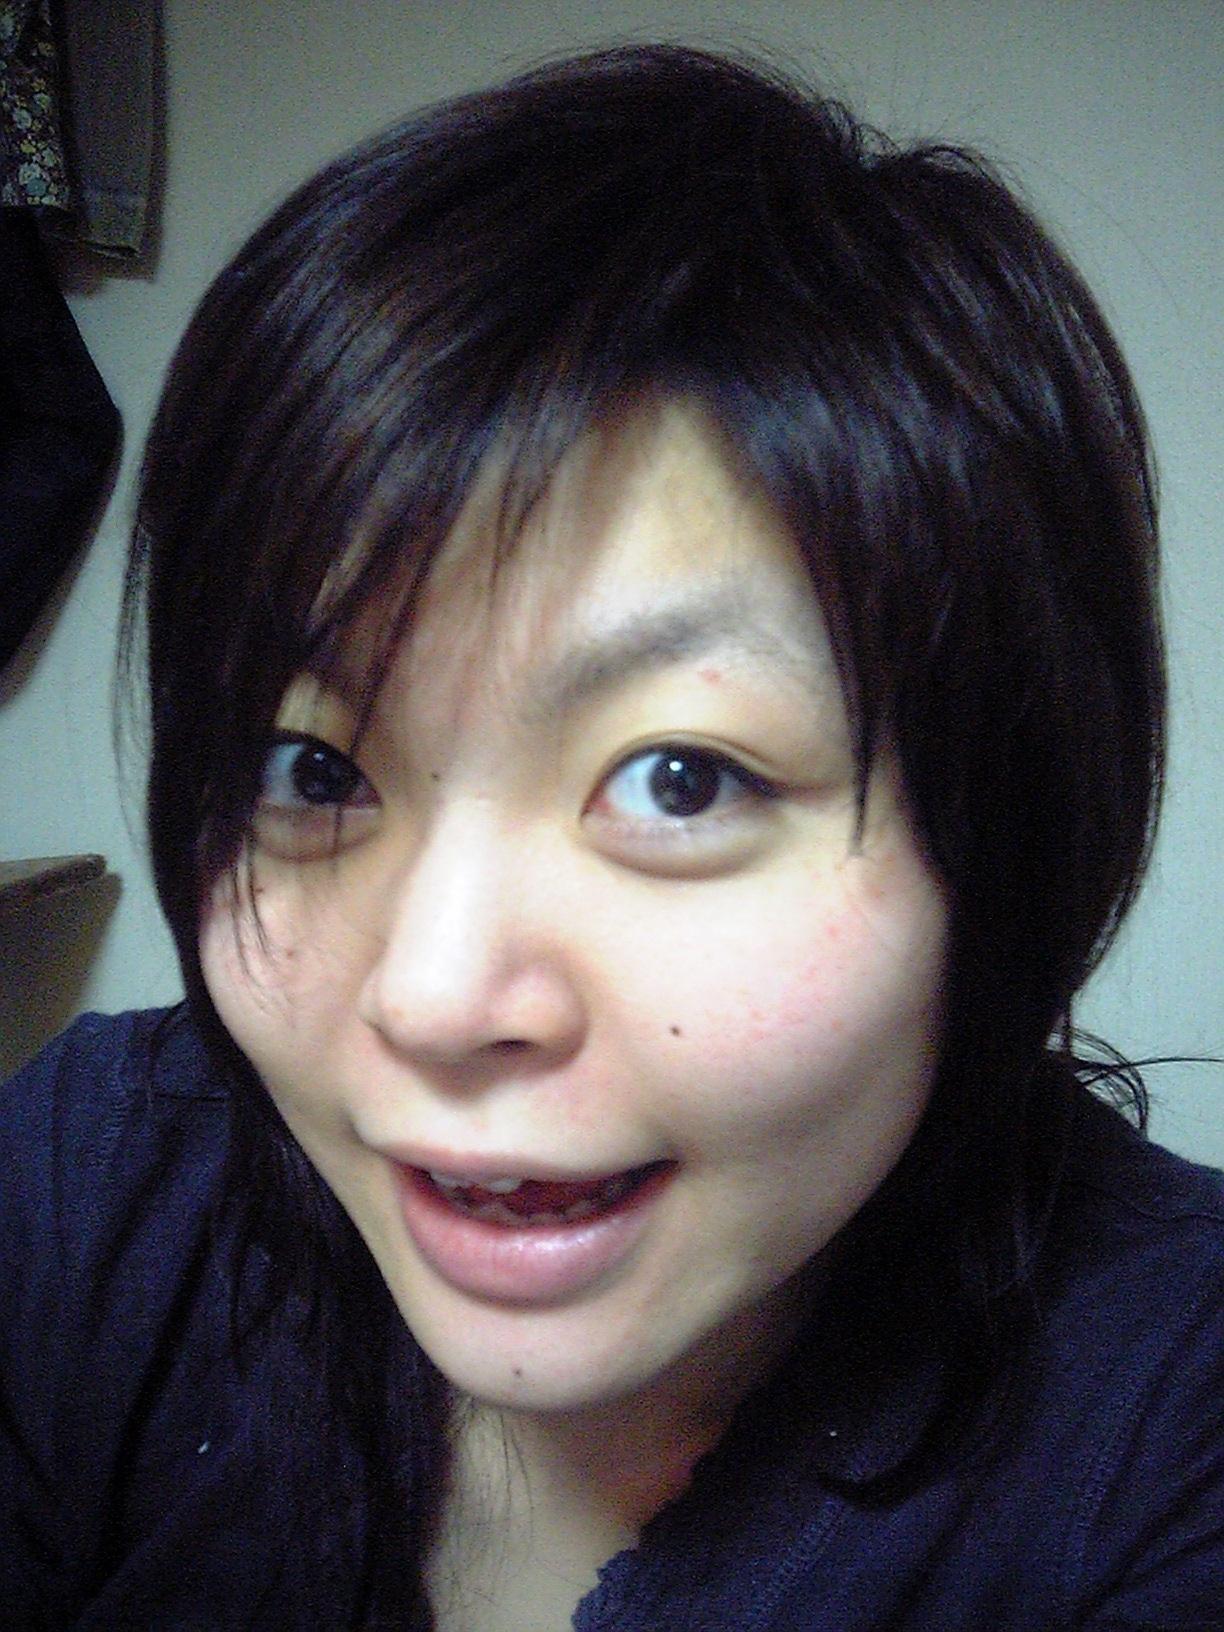 田畑智子さんの画像その4